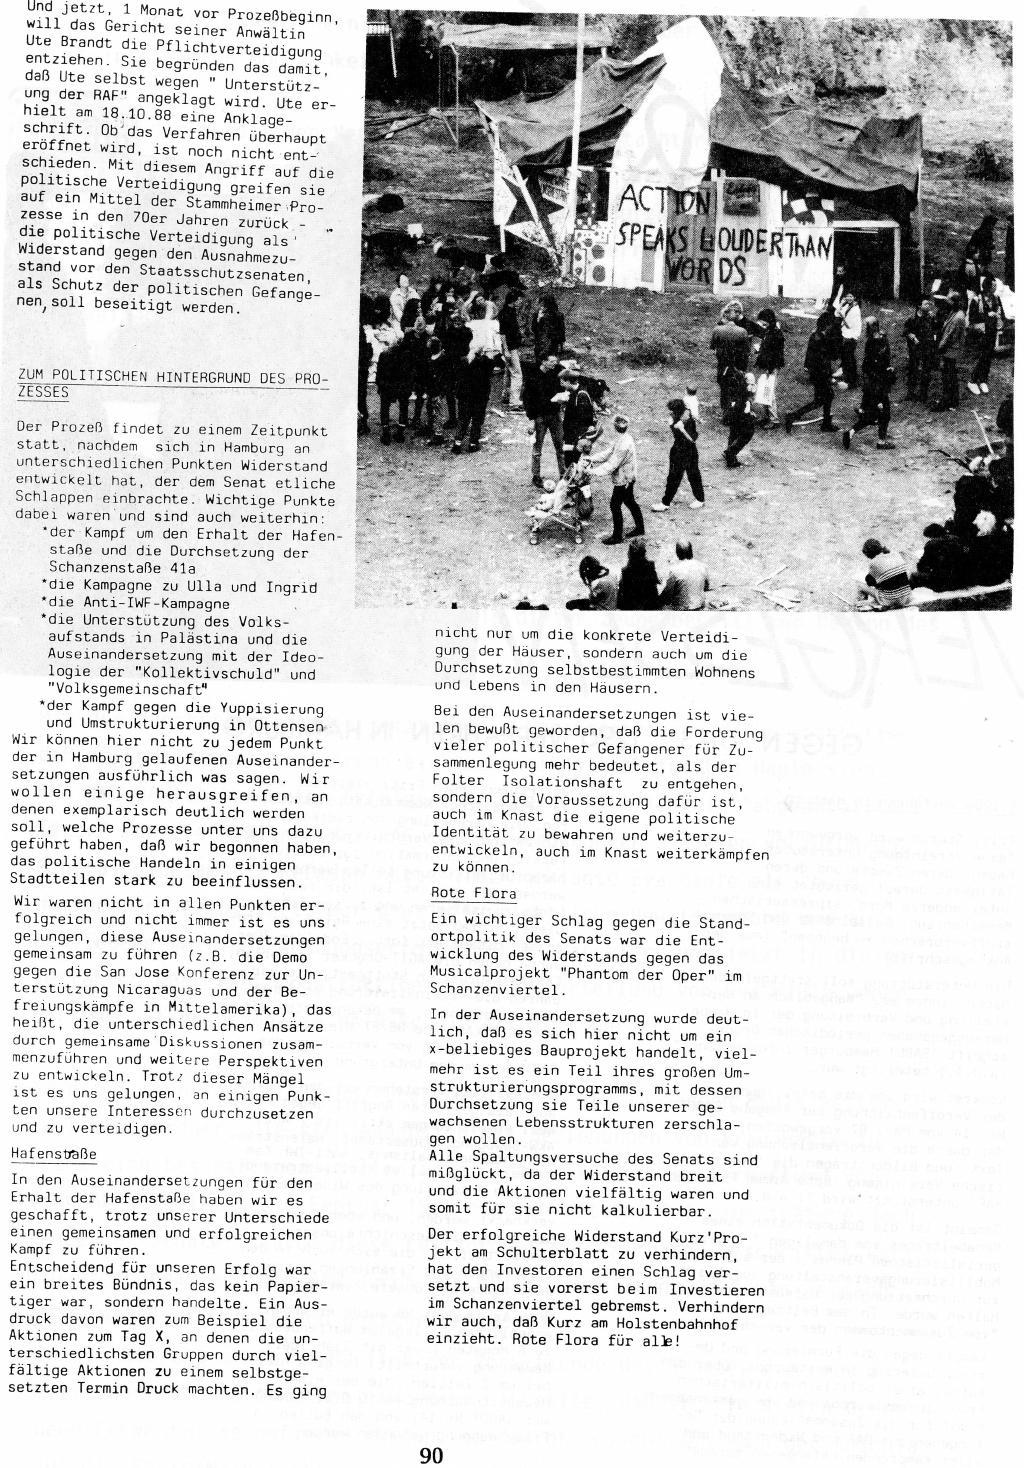 Duesseldorf_1989_Sechs_Politische_Gefangene_090